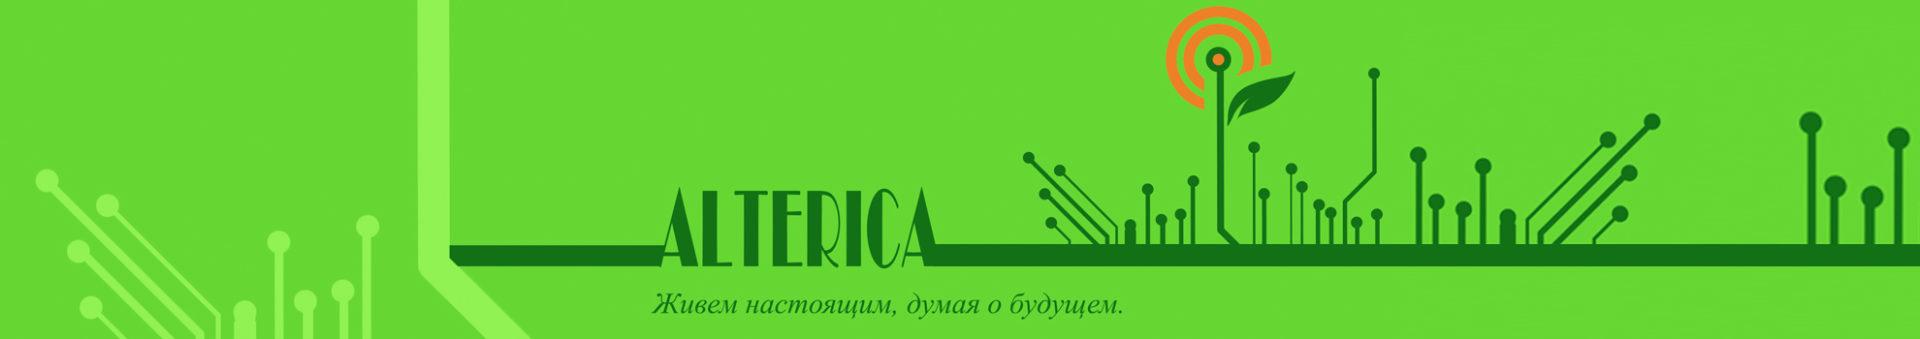 Разработка нейминга и слогана для компании «ALTERICA»